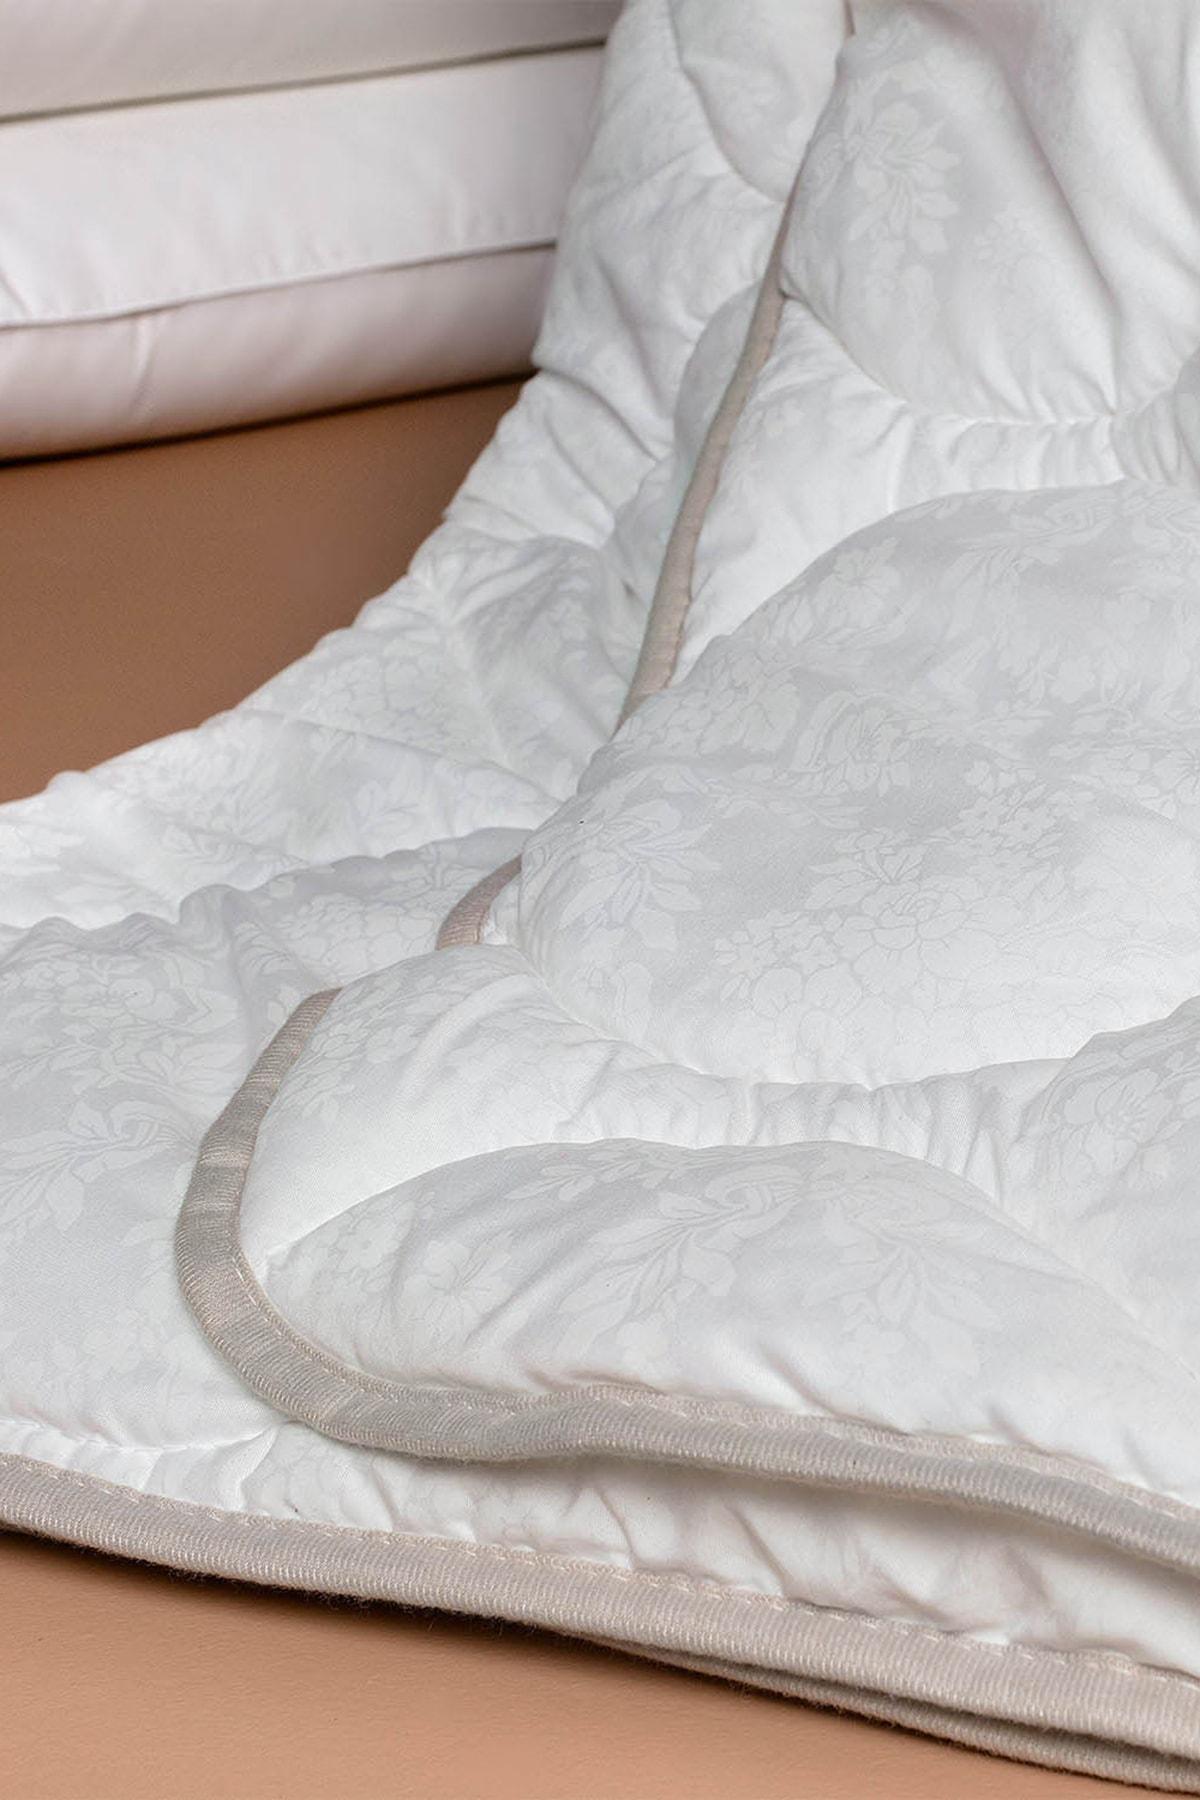 Madame Coco Vintage Jakarlı Biyeli Tek Kişilik Yorgan - Beyaz 2